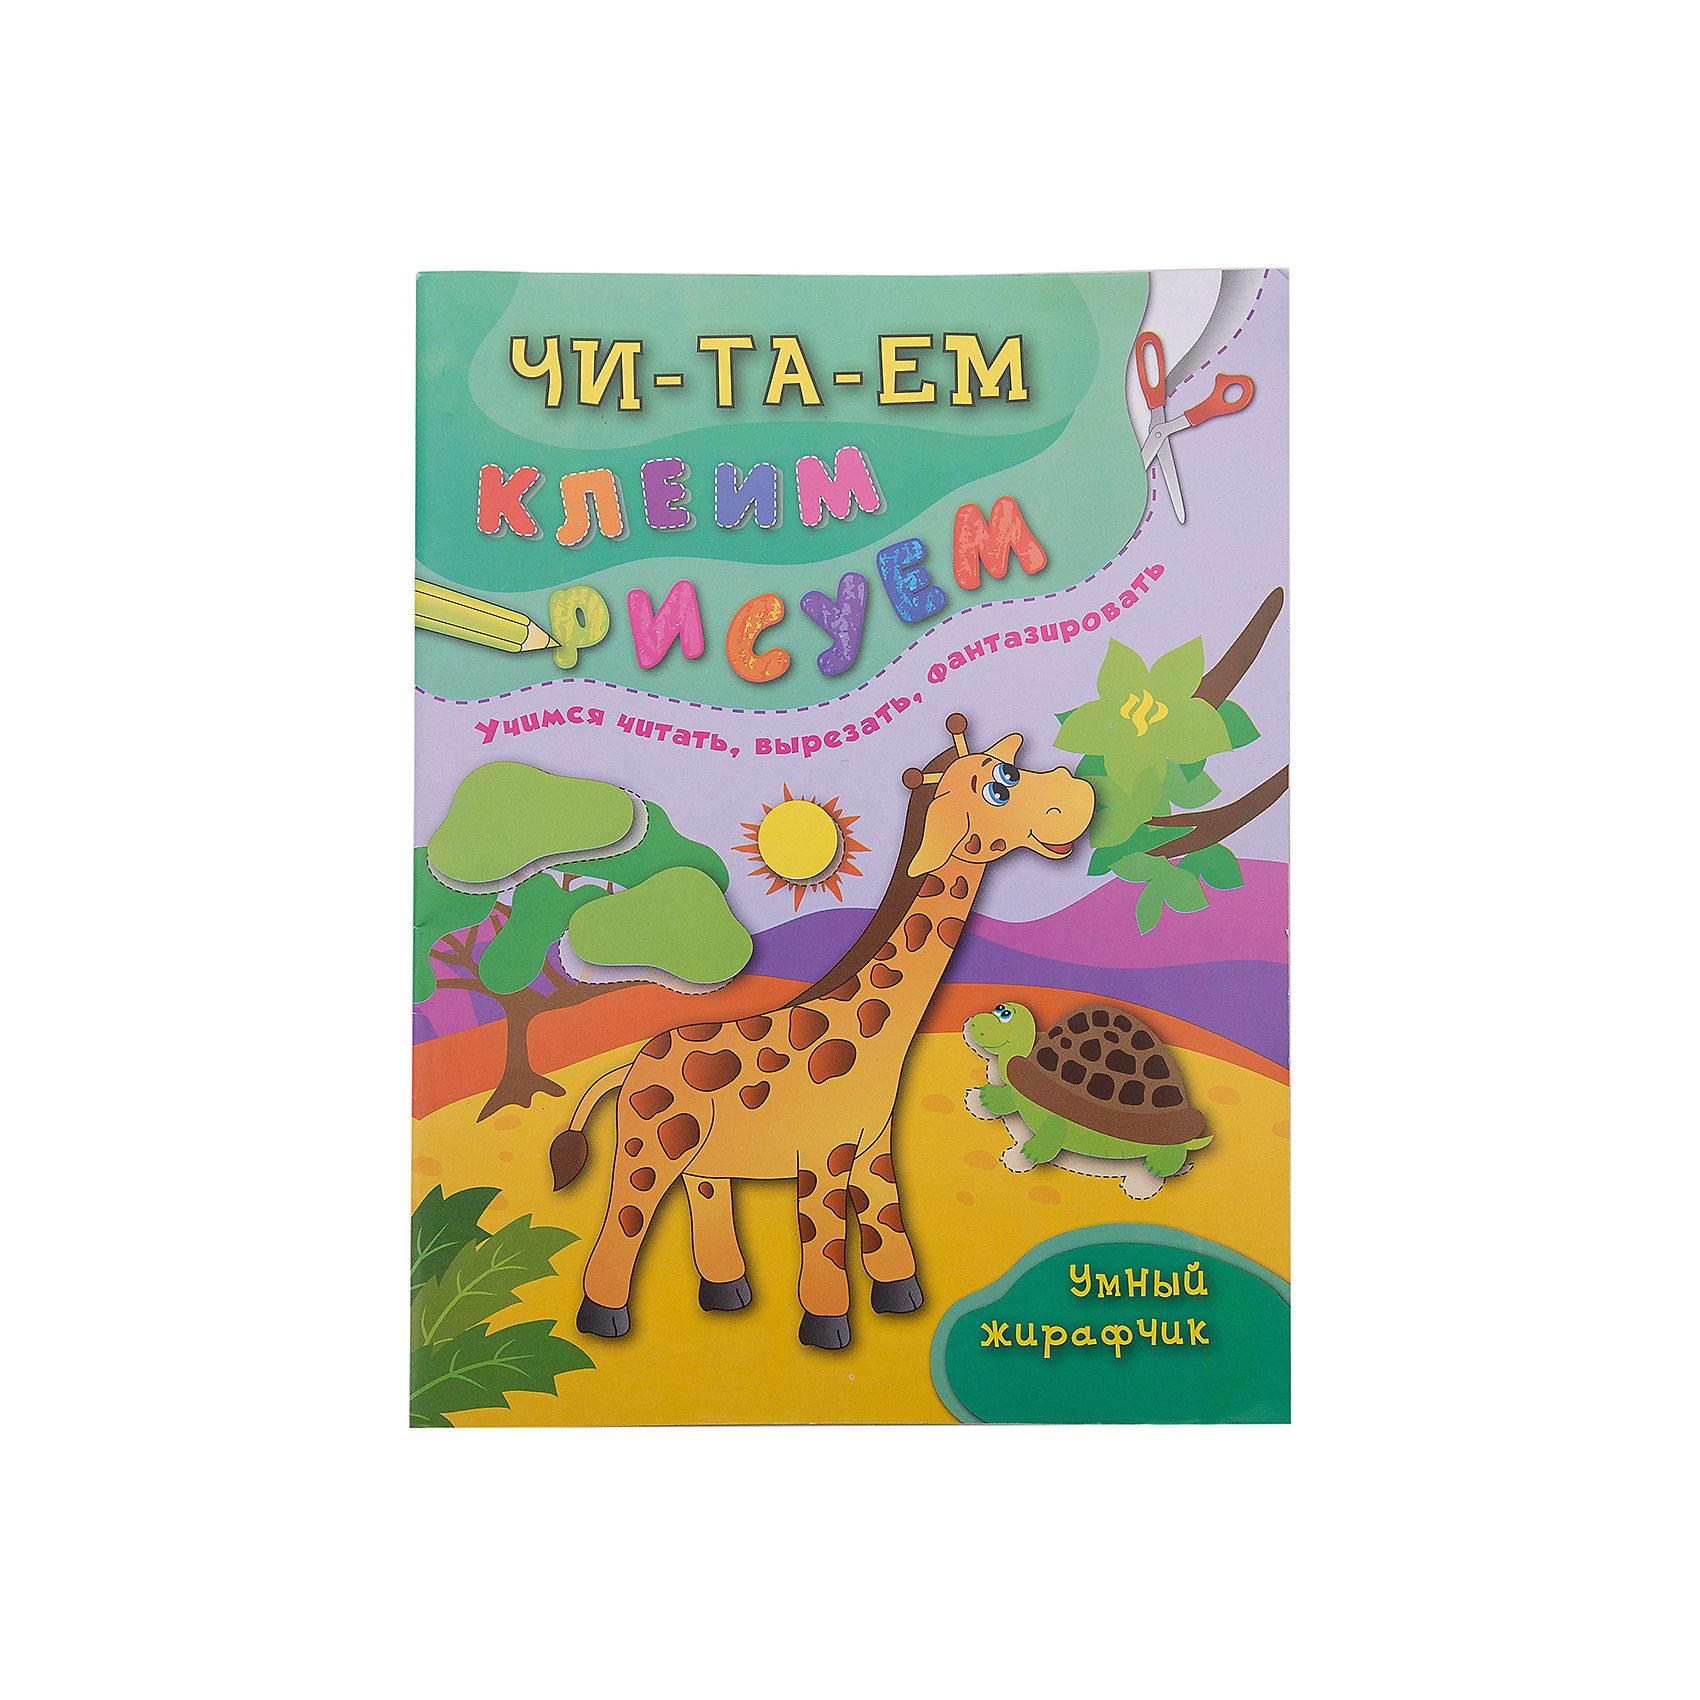 Умный жирафчикАзбуки<br>Характеристики товара: <br><br>• ISBN: 978-5-222-27975-5; <br>• возраст: от 3 лет;<br>• формат: 290х220; <br>• бумага: офсет; <br>• иллюстрации: цветные; <br>• издательство: Феникс; <br>• количество страниц: 16; <br>• автор: Смирнова Е.В.;<br>• серия: Читаем.Клеим.Рисуем;<br>• размер: 20,5х26х0,2 см;<br>• вес: 74 грамма.<br><br>Книга «Умный жирафчик» предназначена для детей, которые начинают читать по слогам. Текст выполнен крупными буквами и разбит на слоги. Во время перерыва ребенок сможет отдохнуть и выполнить дополнительные задания: раскраски, аппликации, штриховка и многие другие. Задания помогут развить логическое мышление, навыки счета, воображение, внимание и моторику рук.<br><br>Книгу «Умный жирафчик», Феникс можно купить в нашем интернет-магазине.<br><br>Ширина мм: 260<br>Глубина мм: 198<br>Высота мм: 2<br>Вес г: 60<br>Возраст от месяцев: 12<br>Возраст до месяцев: 36<br>Пол: Унисекс<br>Возраст: Детский<br>SKU: 5120110